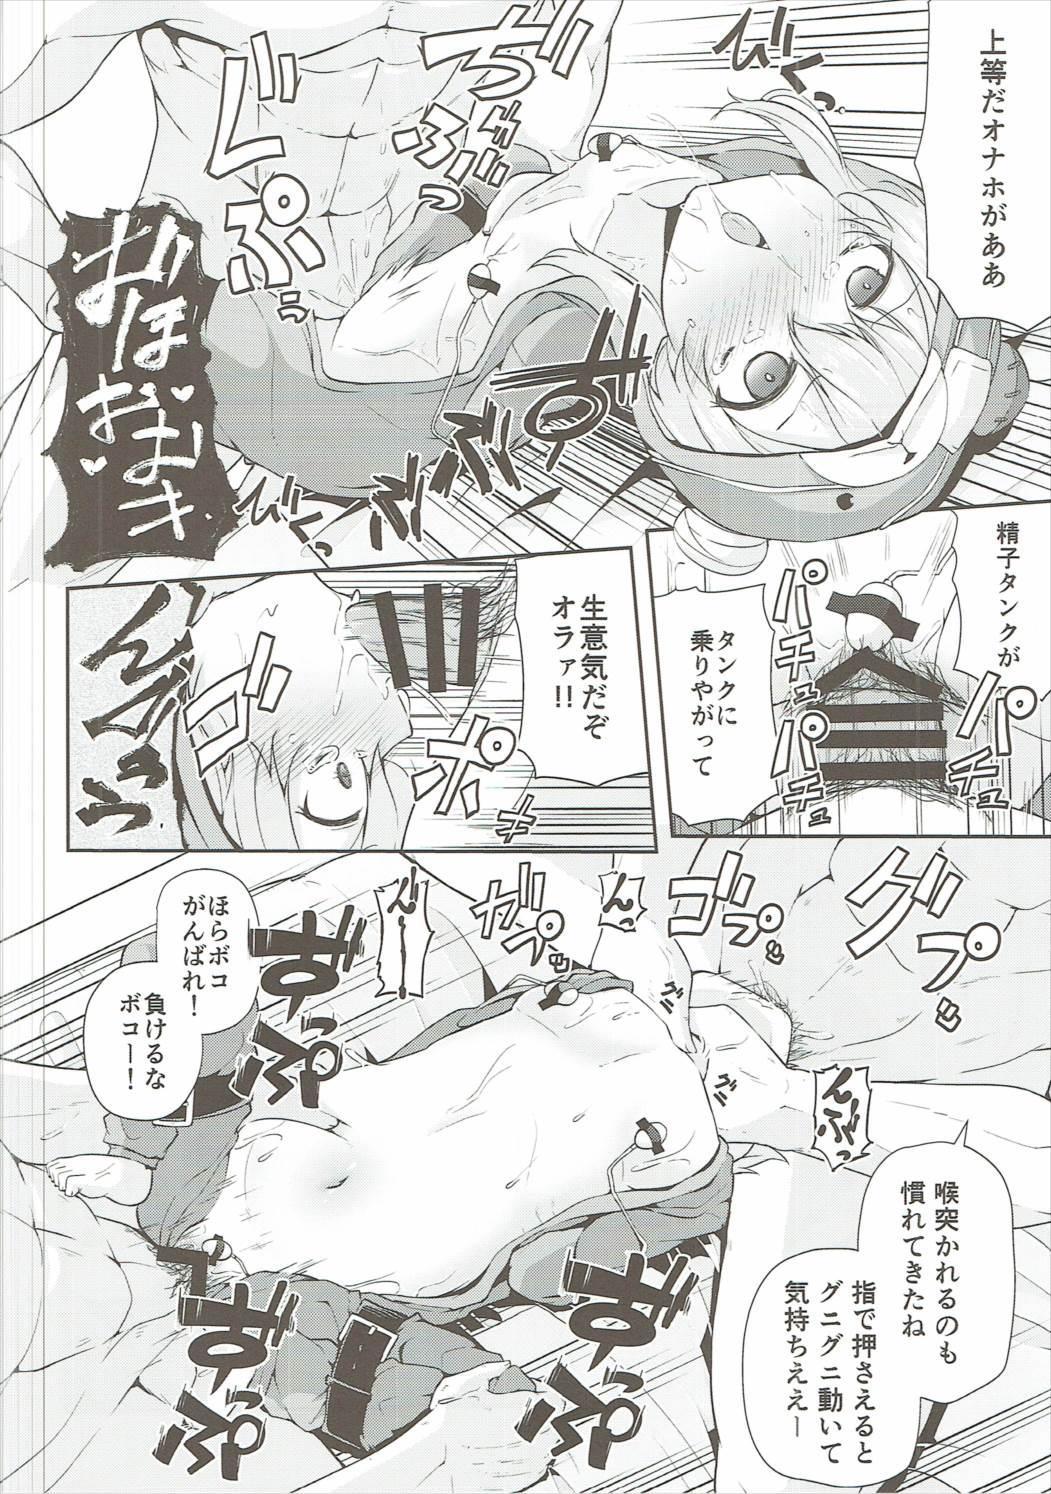 Boko! Boko! Arisu-chan 6